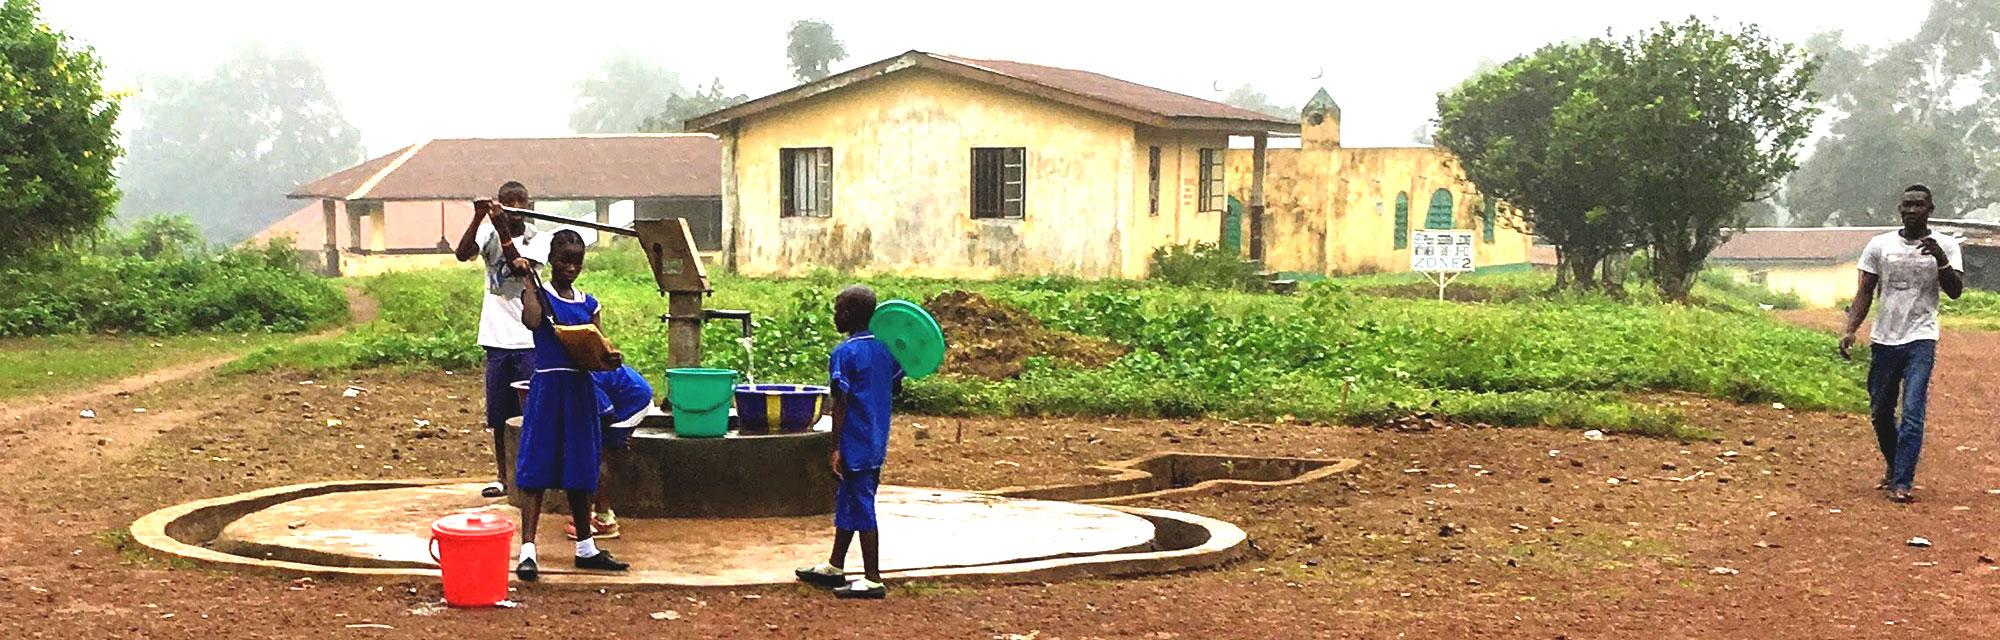 water well in Rotifunk Sierra Leone